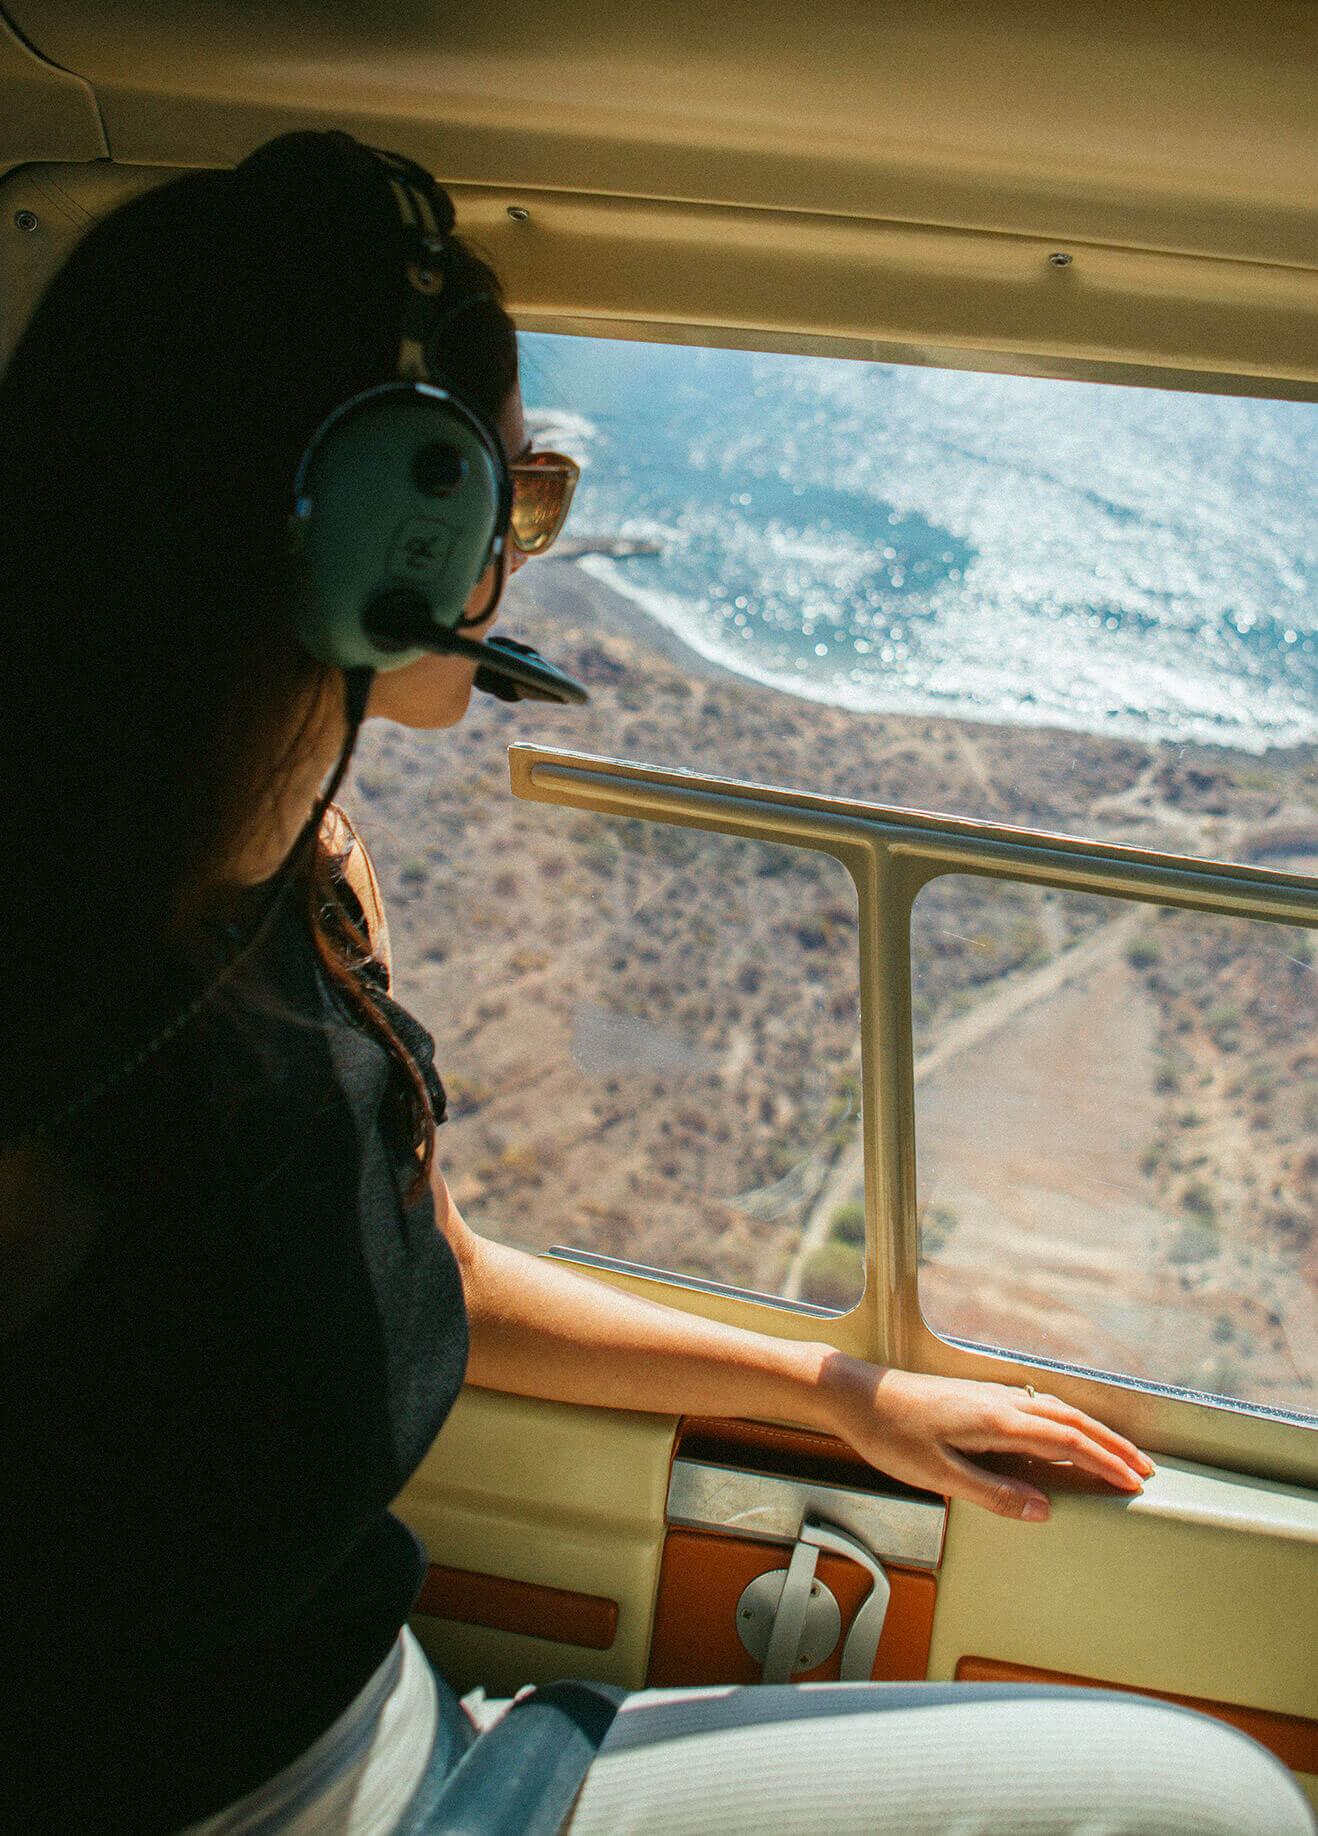 Excursiones al Teide en helicóptero: Tenerife vistas aéreas